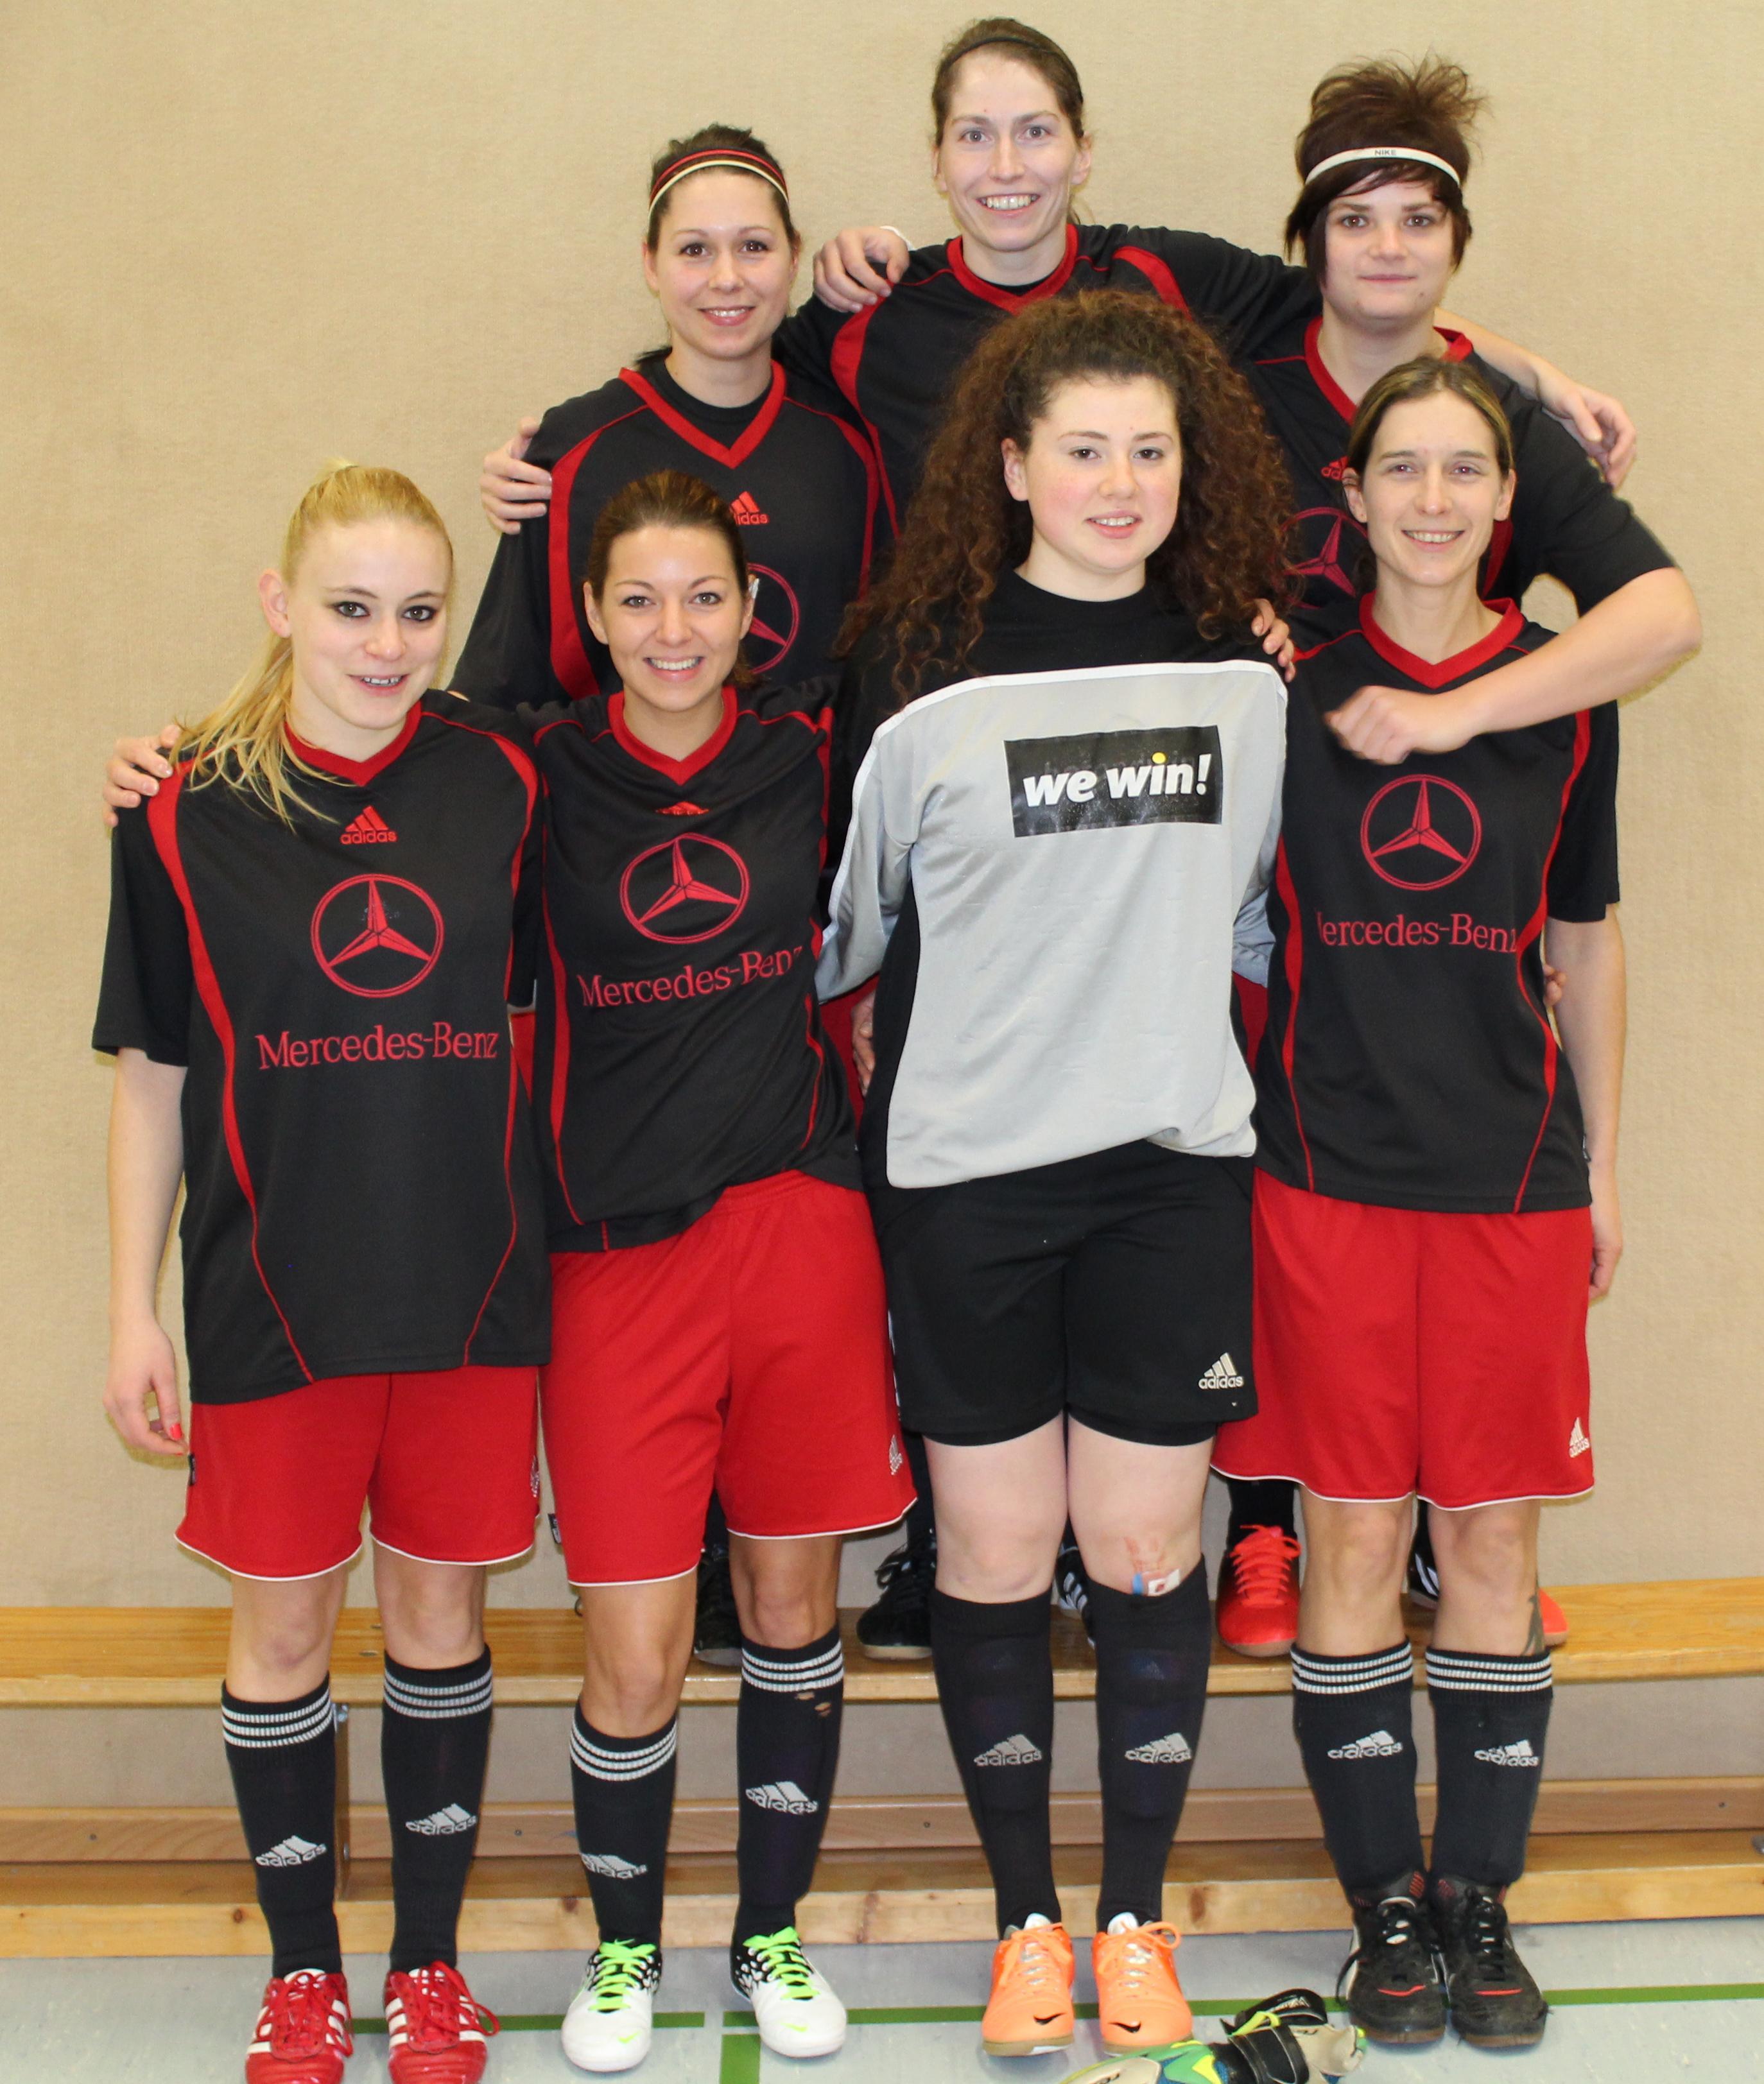 Team schwarz